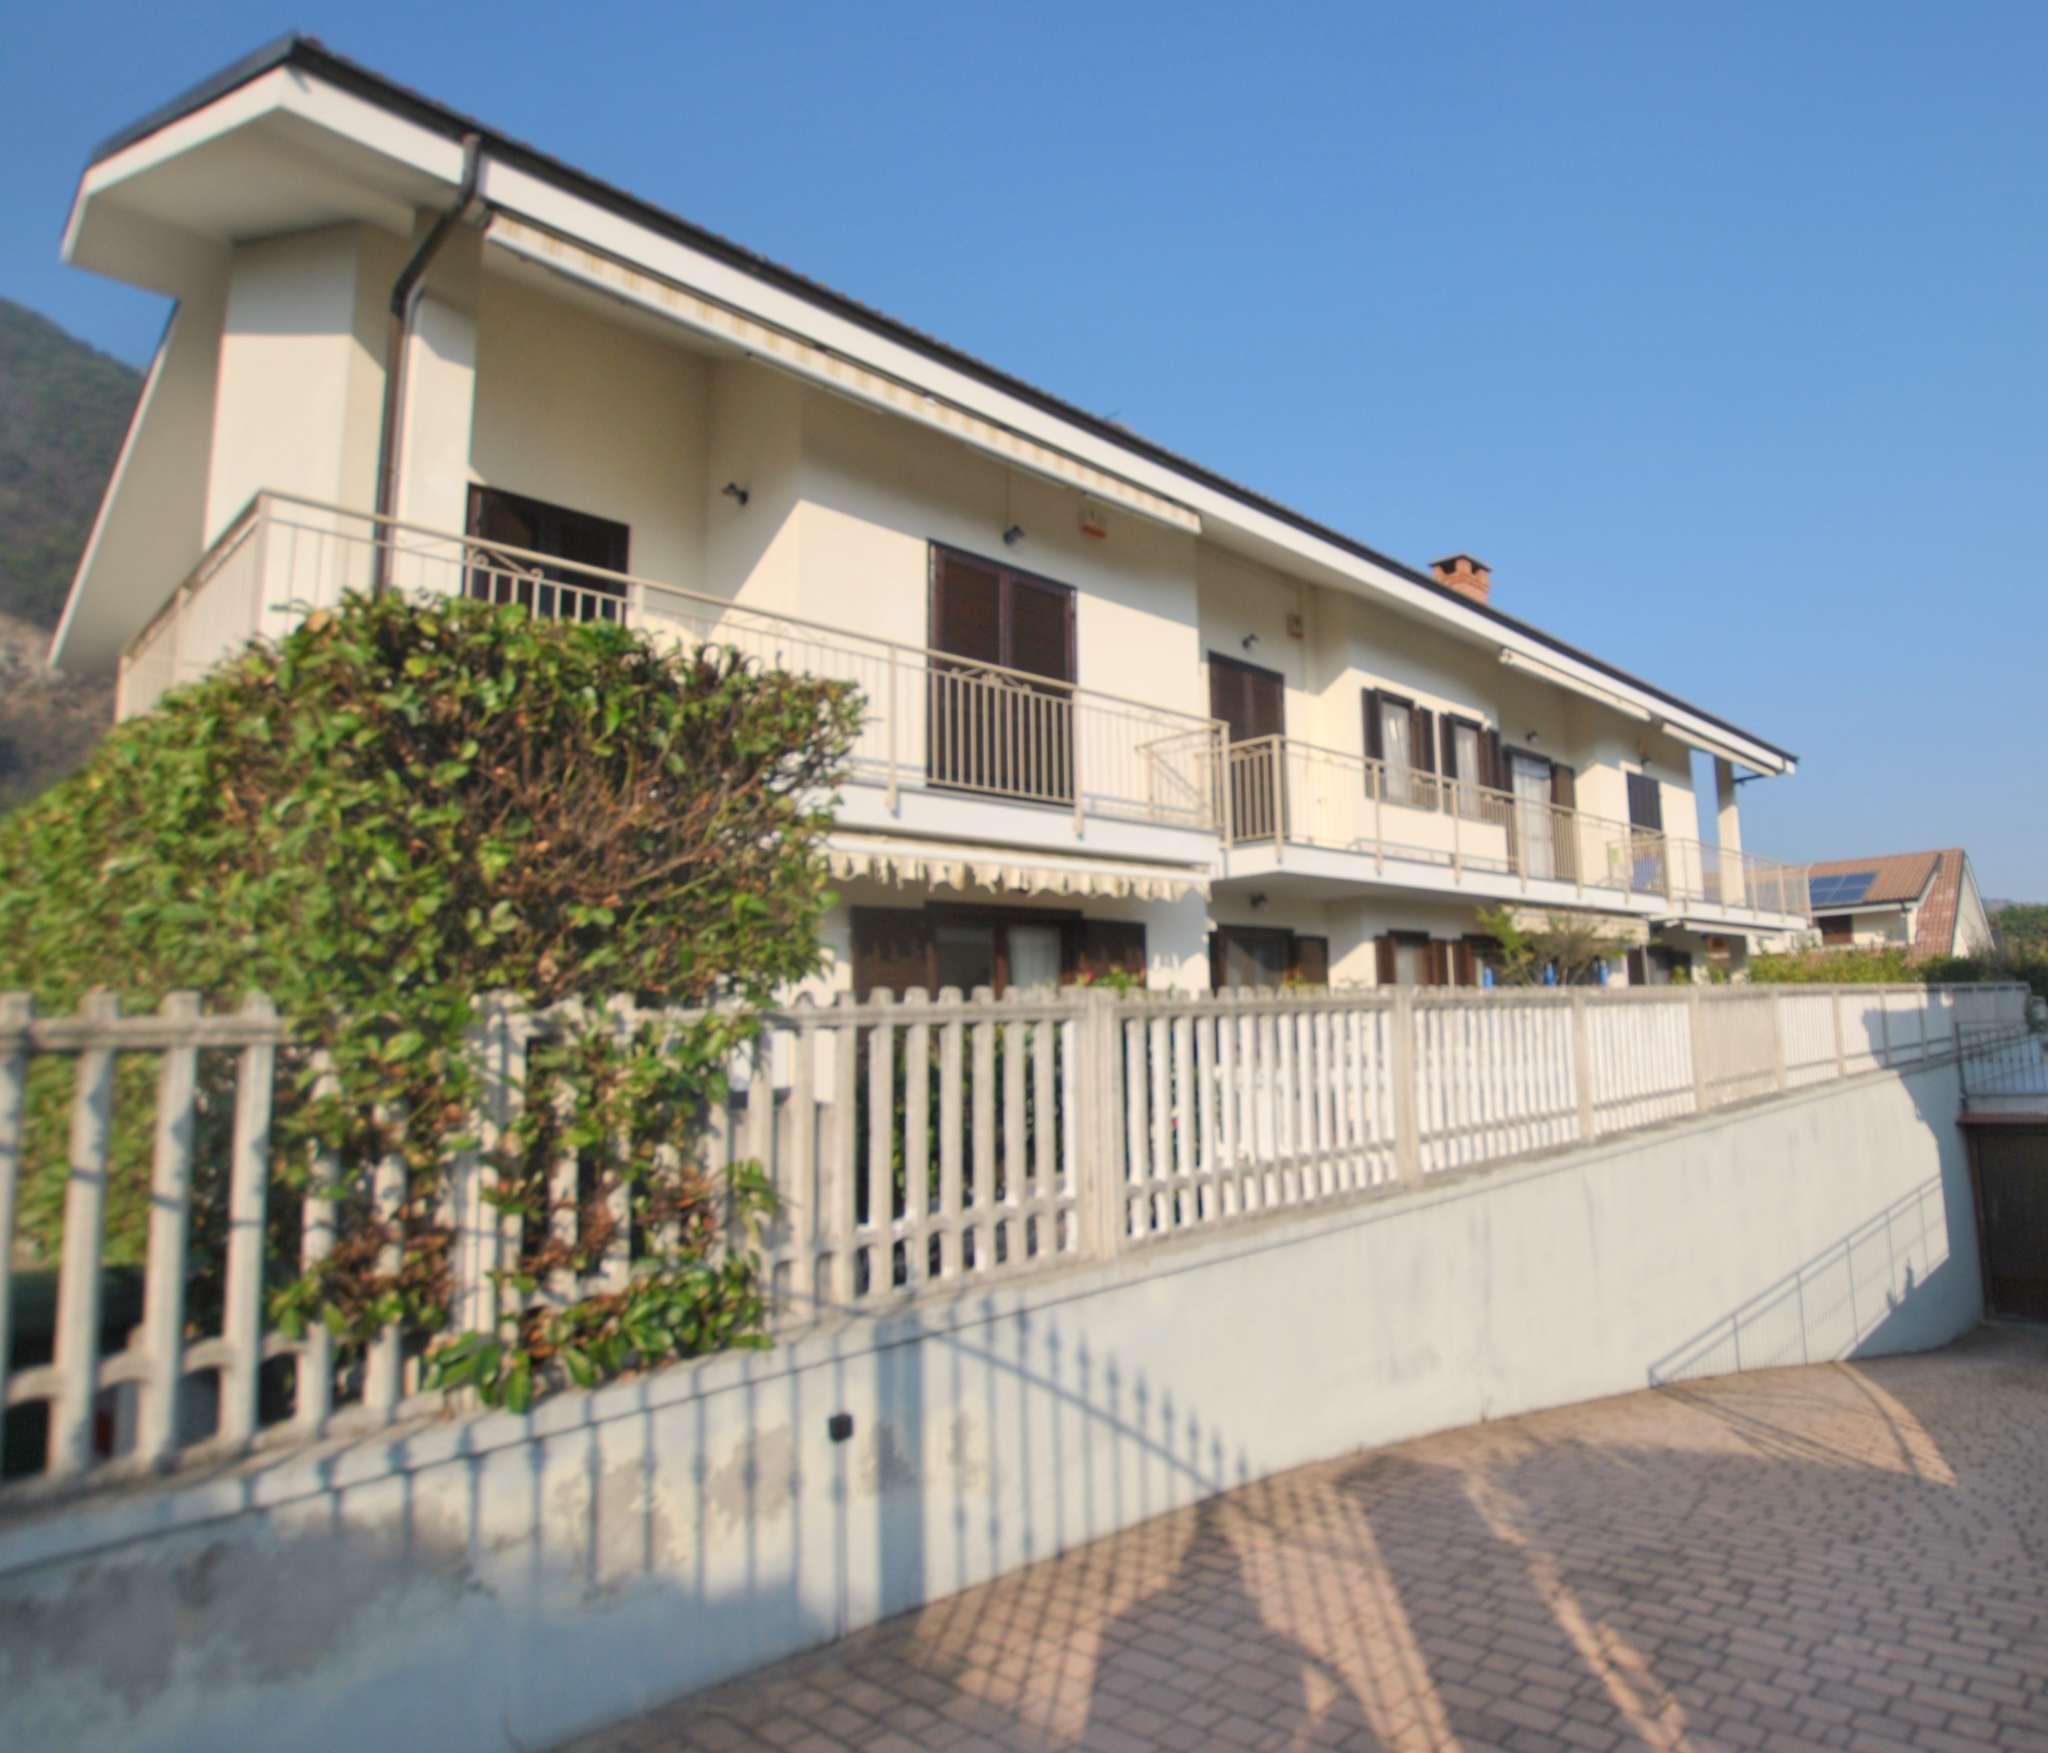 Appartamento in vendita a Caprie, 2 locali, prezzo € 119.000   PortaleAgenzieImmobiliari.it